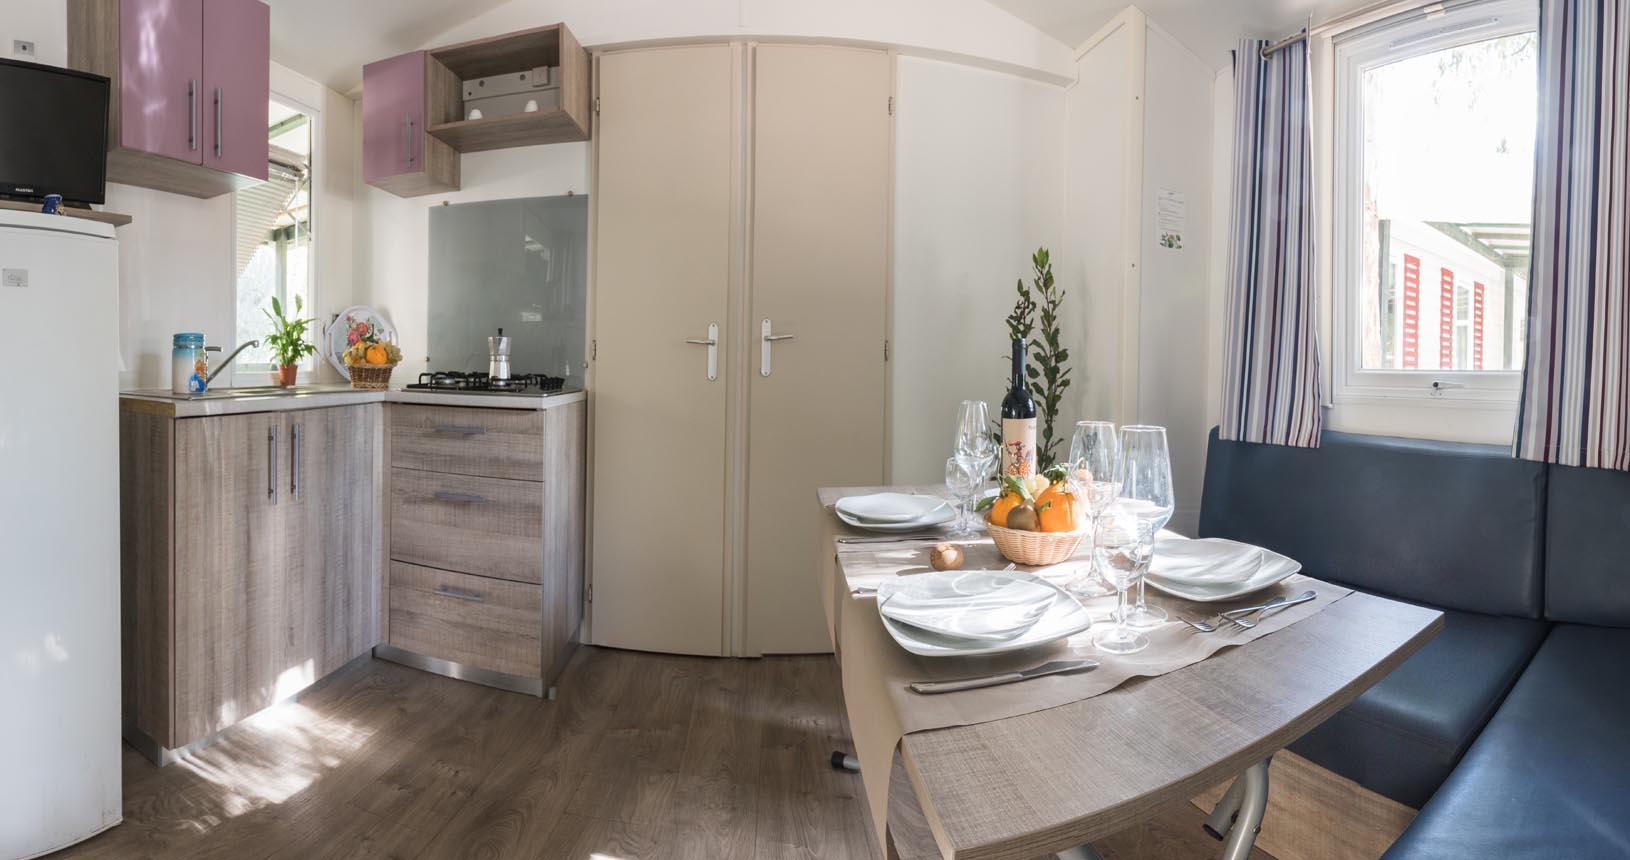 soggiorno casa vacanze deluxe - bed and breakfast sul mare sicilia